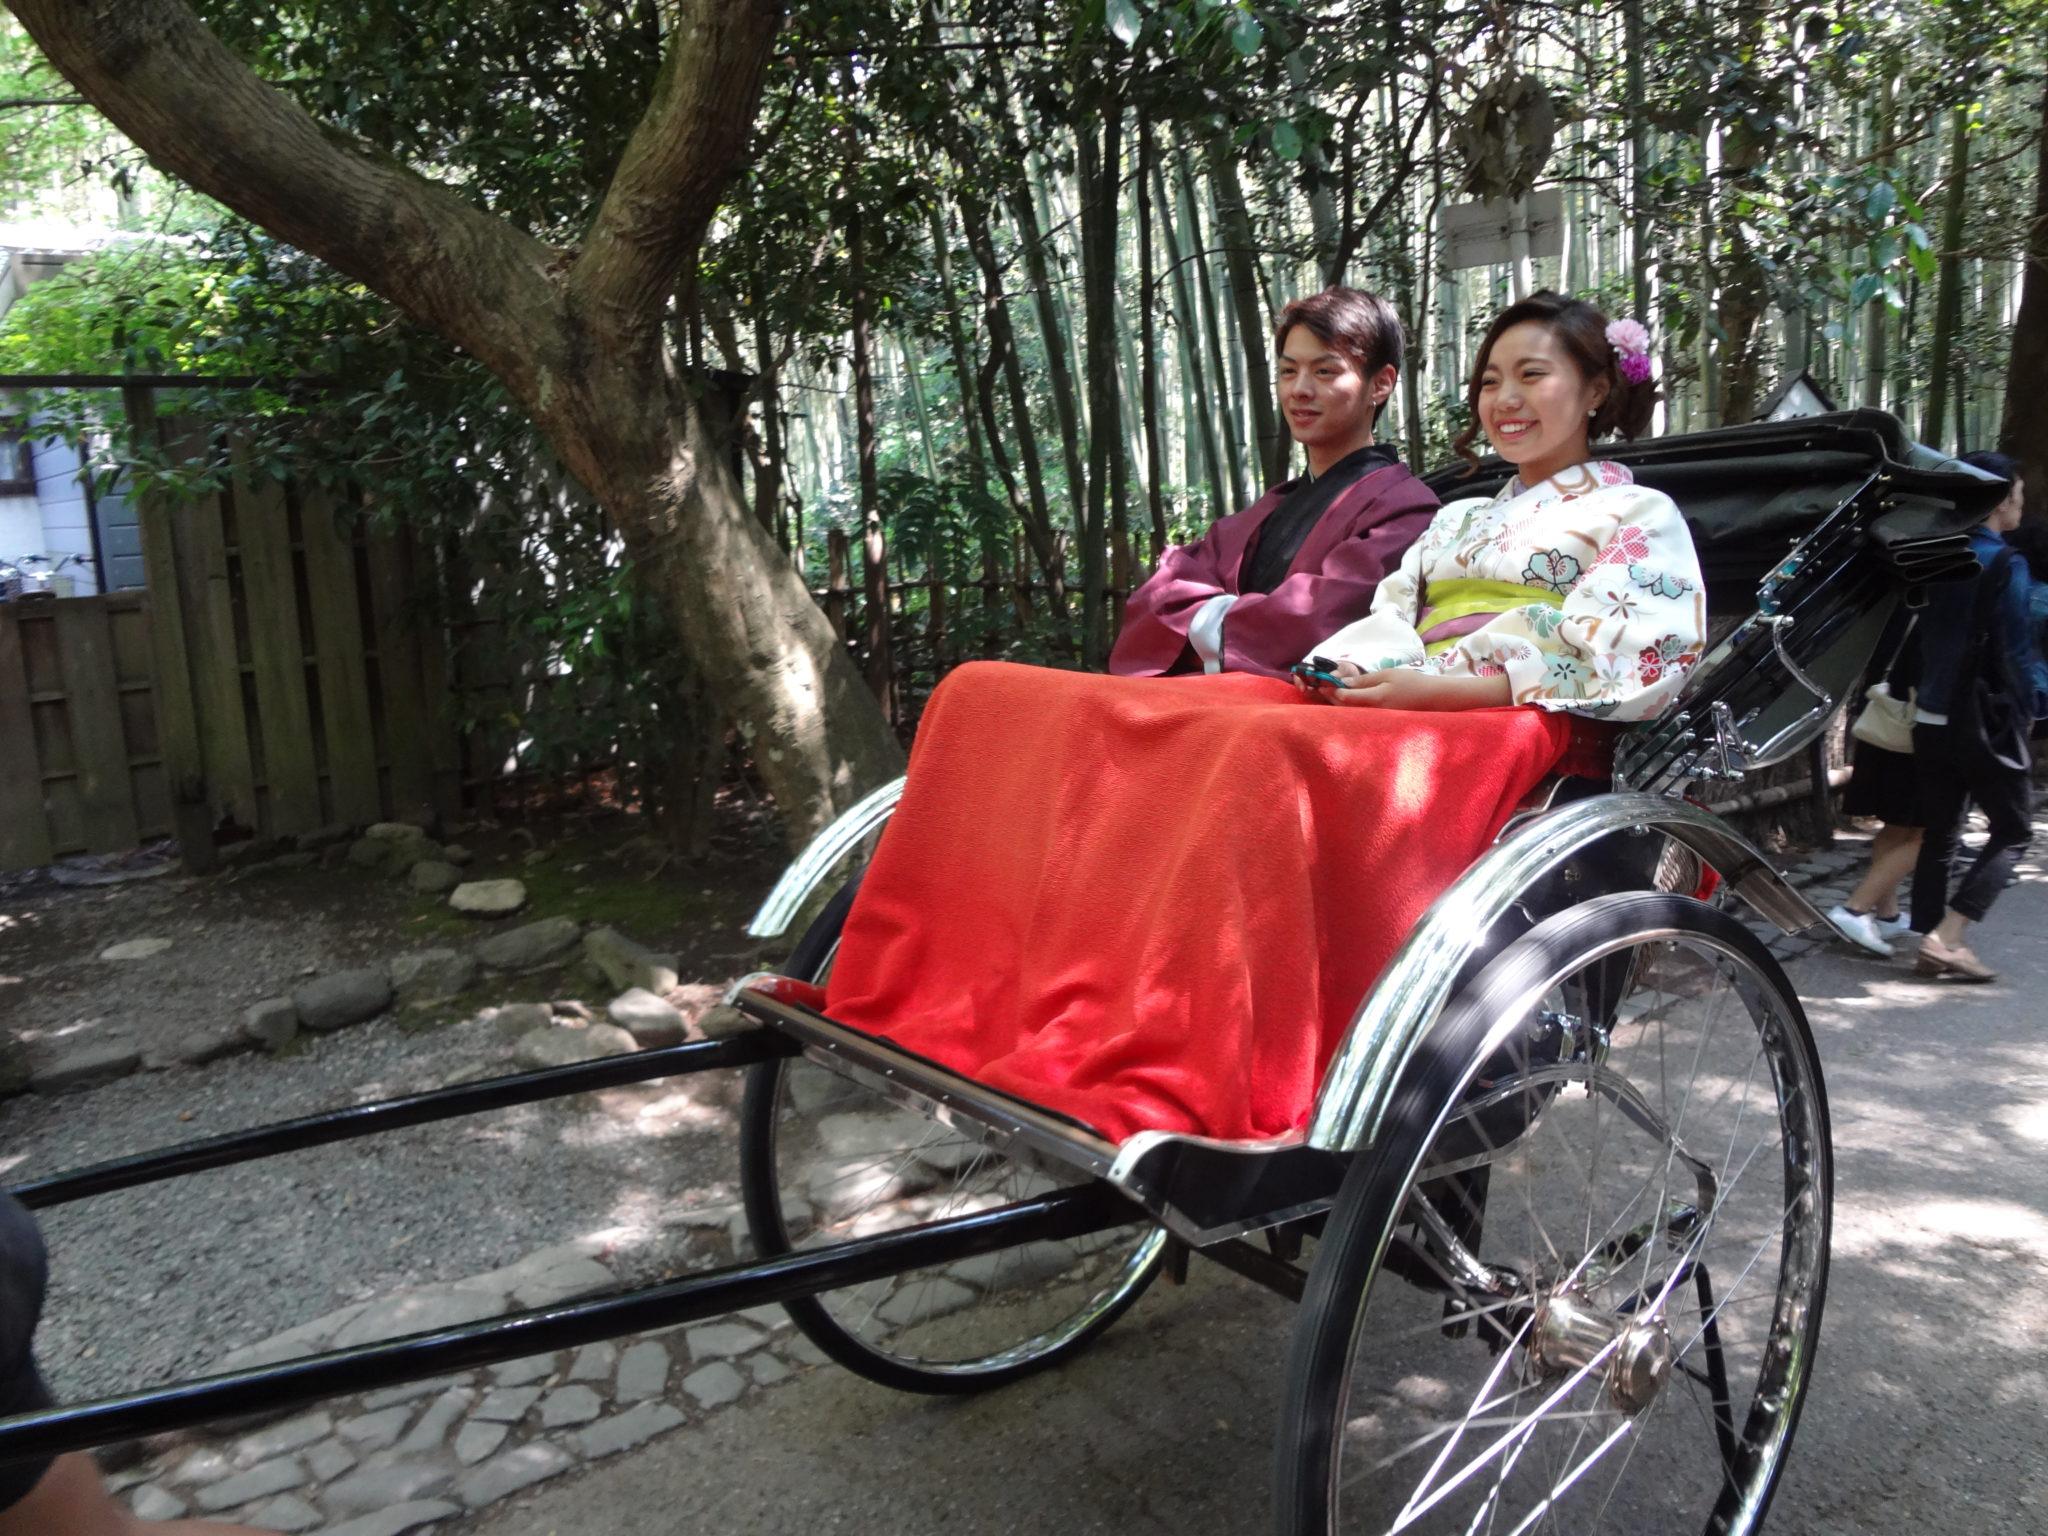 Baño Invisible Japon:El bambú, esa exótica planta gramínea en forma de caña, es parte